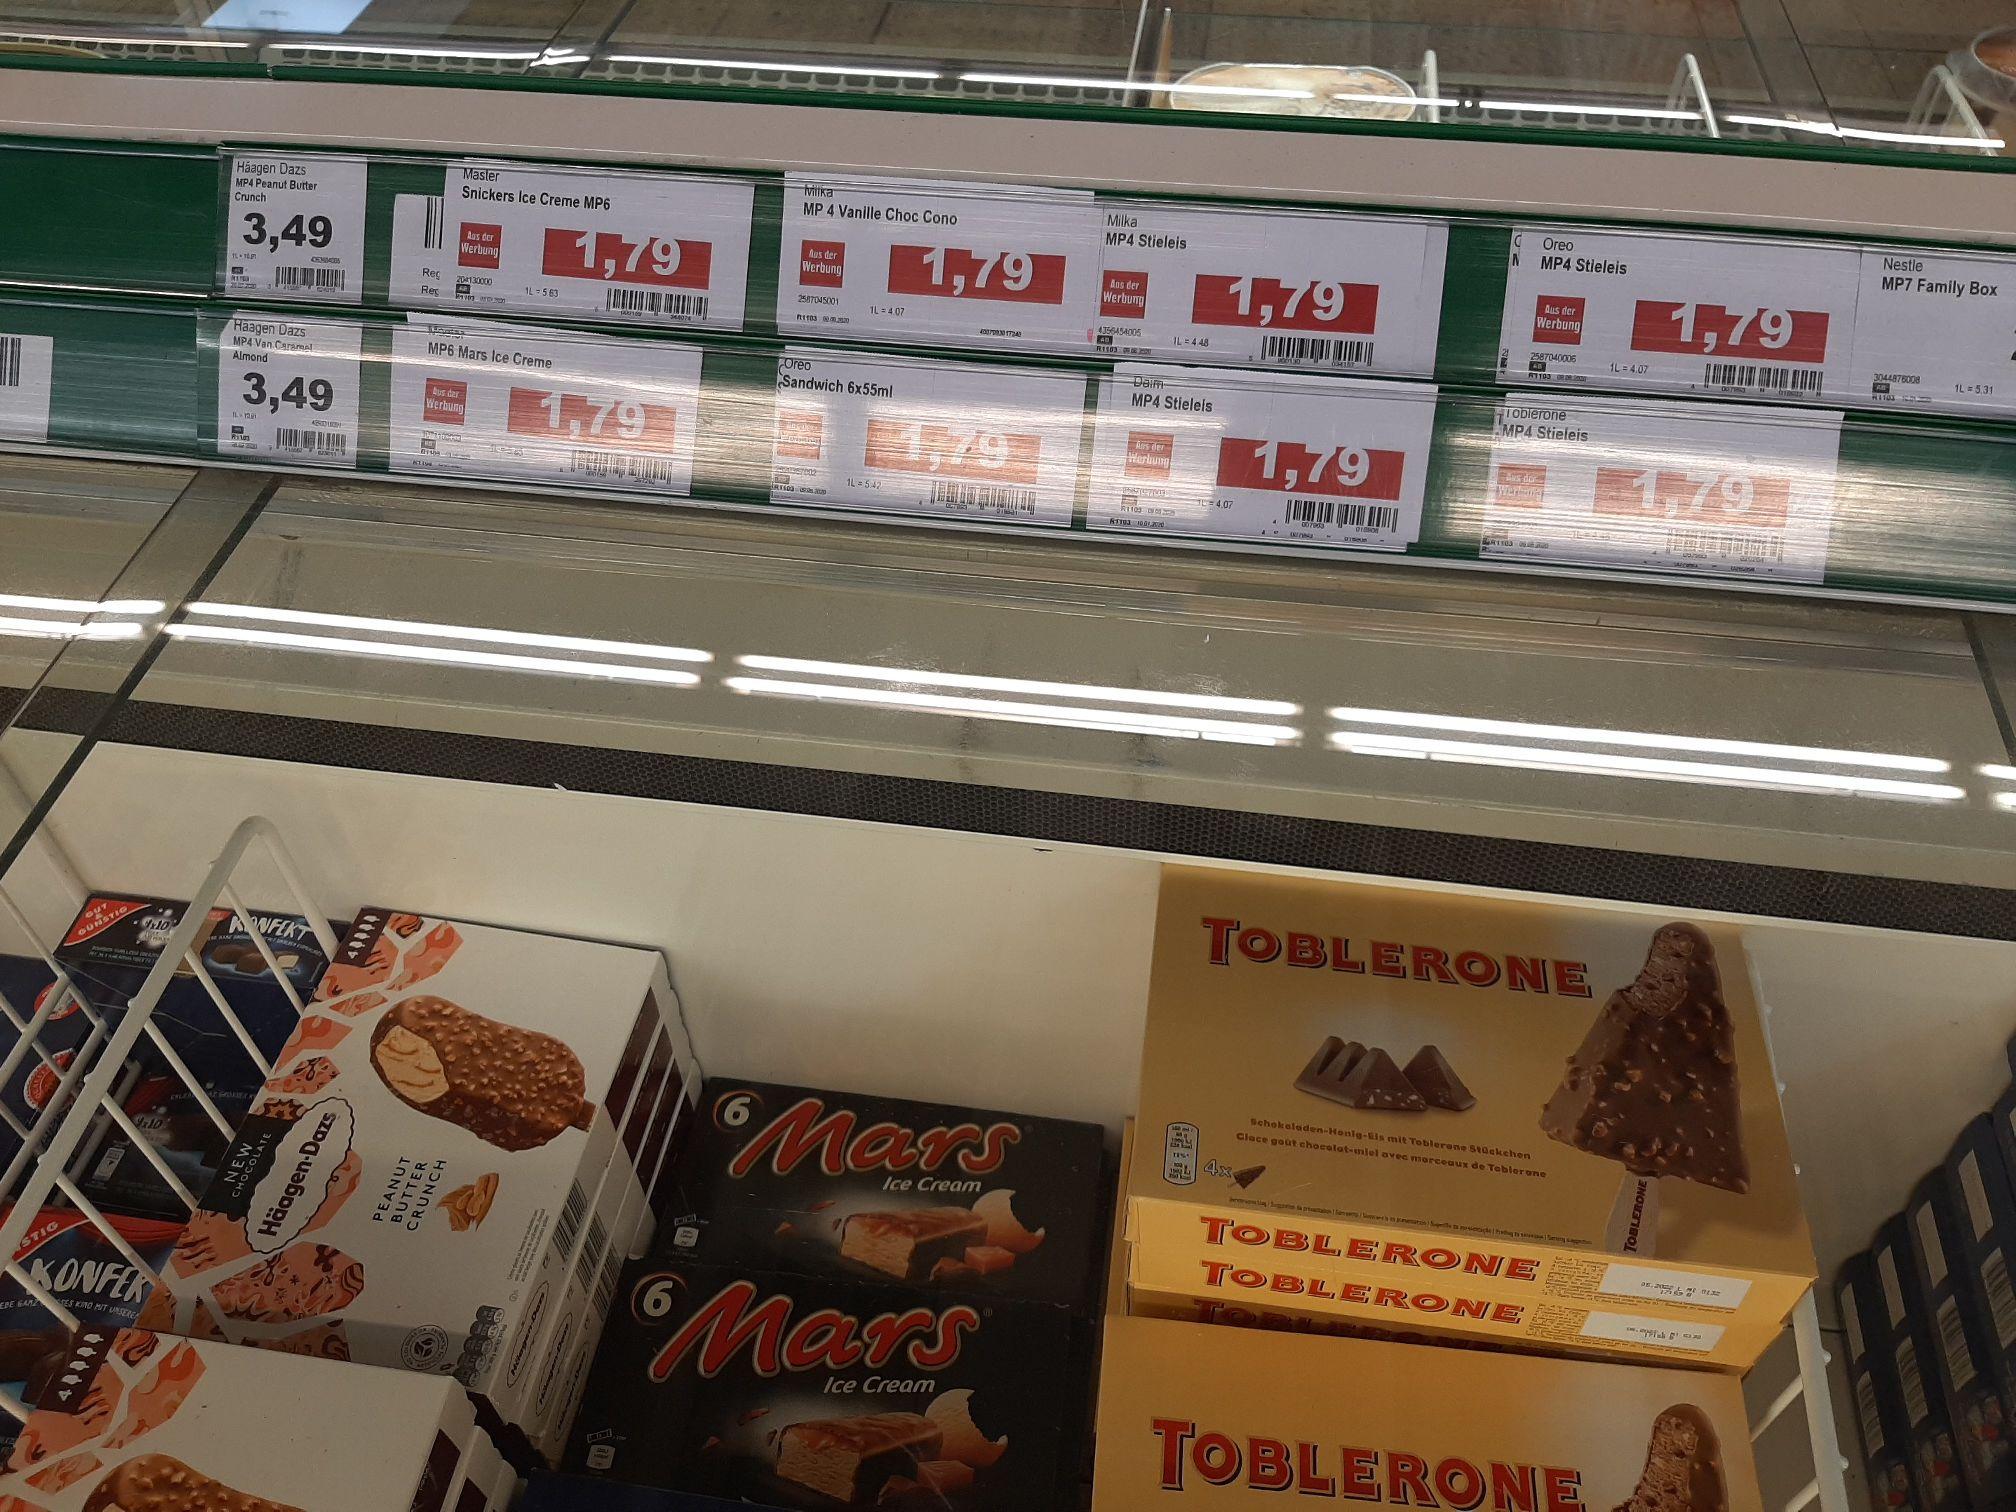 [Lokal] Marktkauf Bad Salzuflen - Snickers, Mars,Milke Eis für 1.79 Euro, statt 2,99 Euro